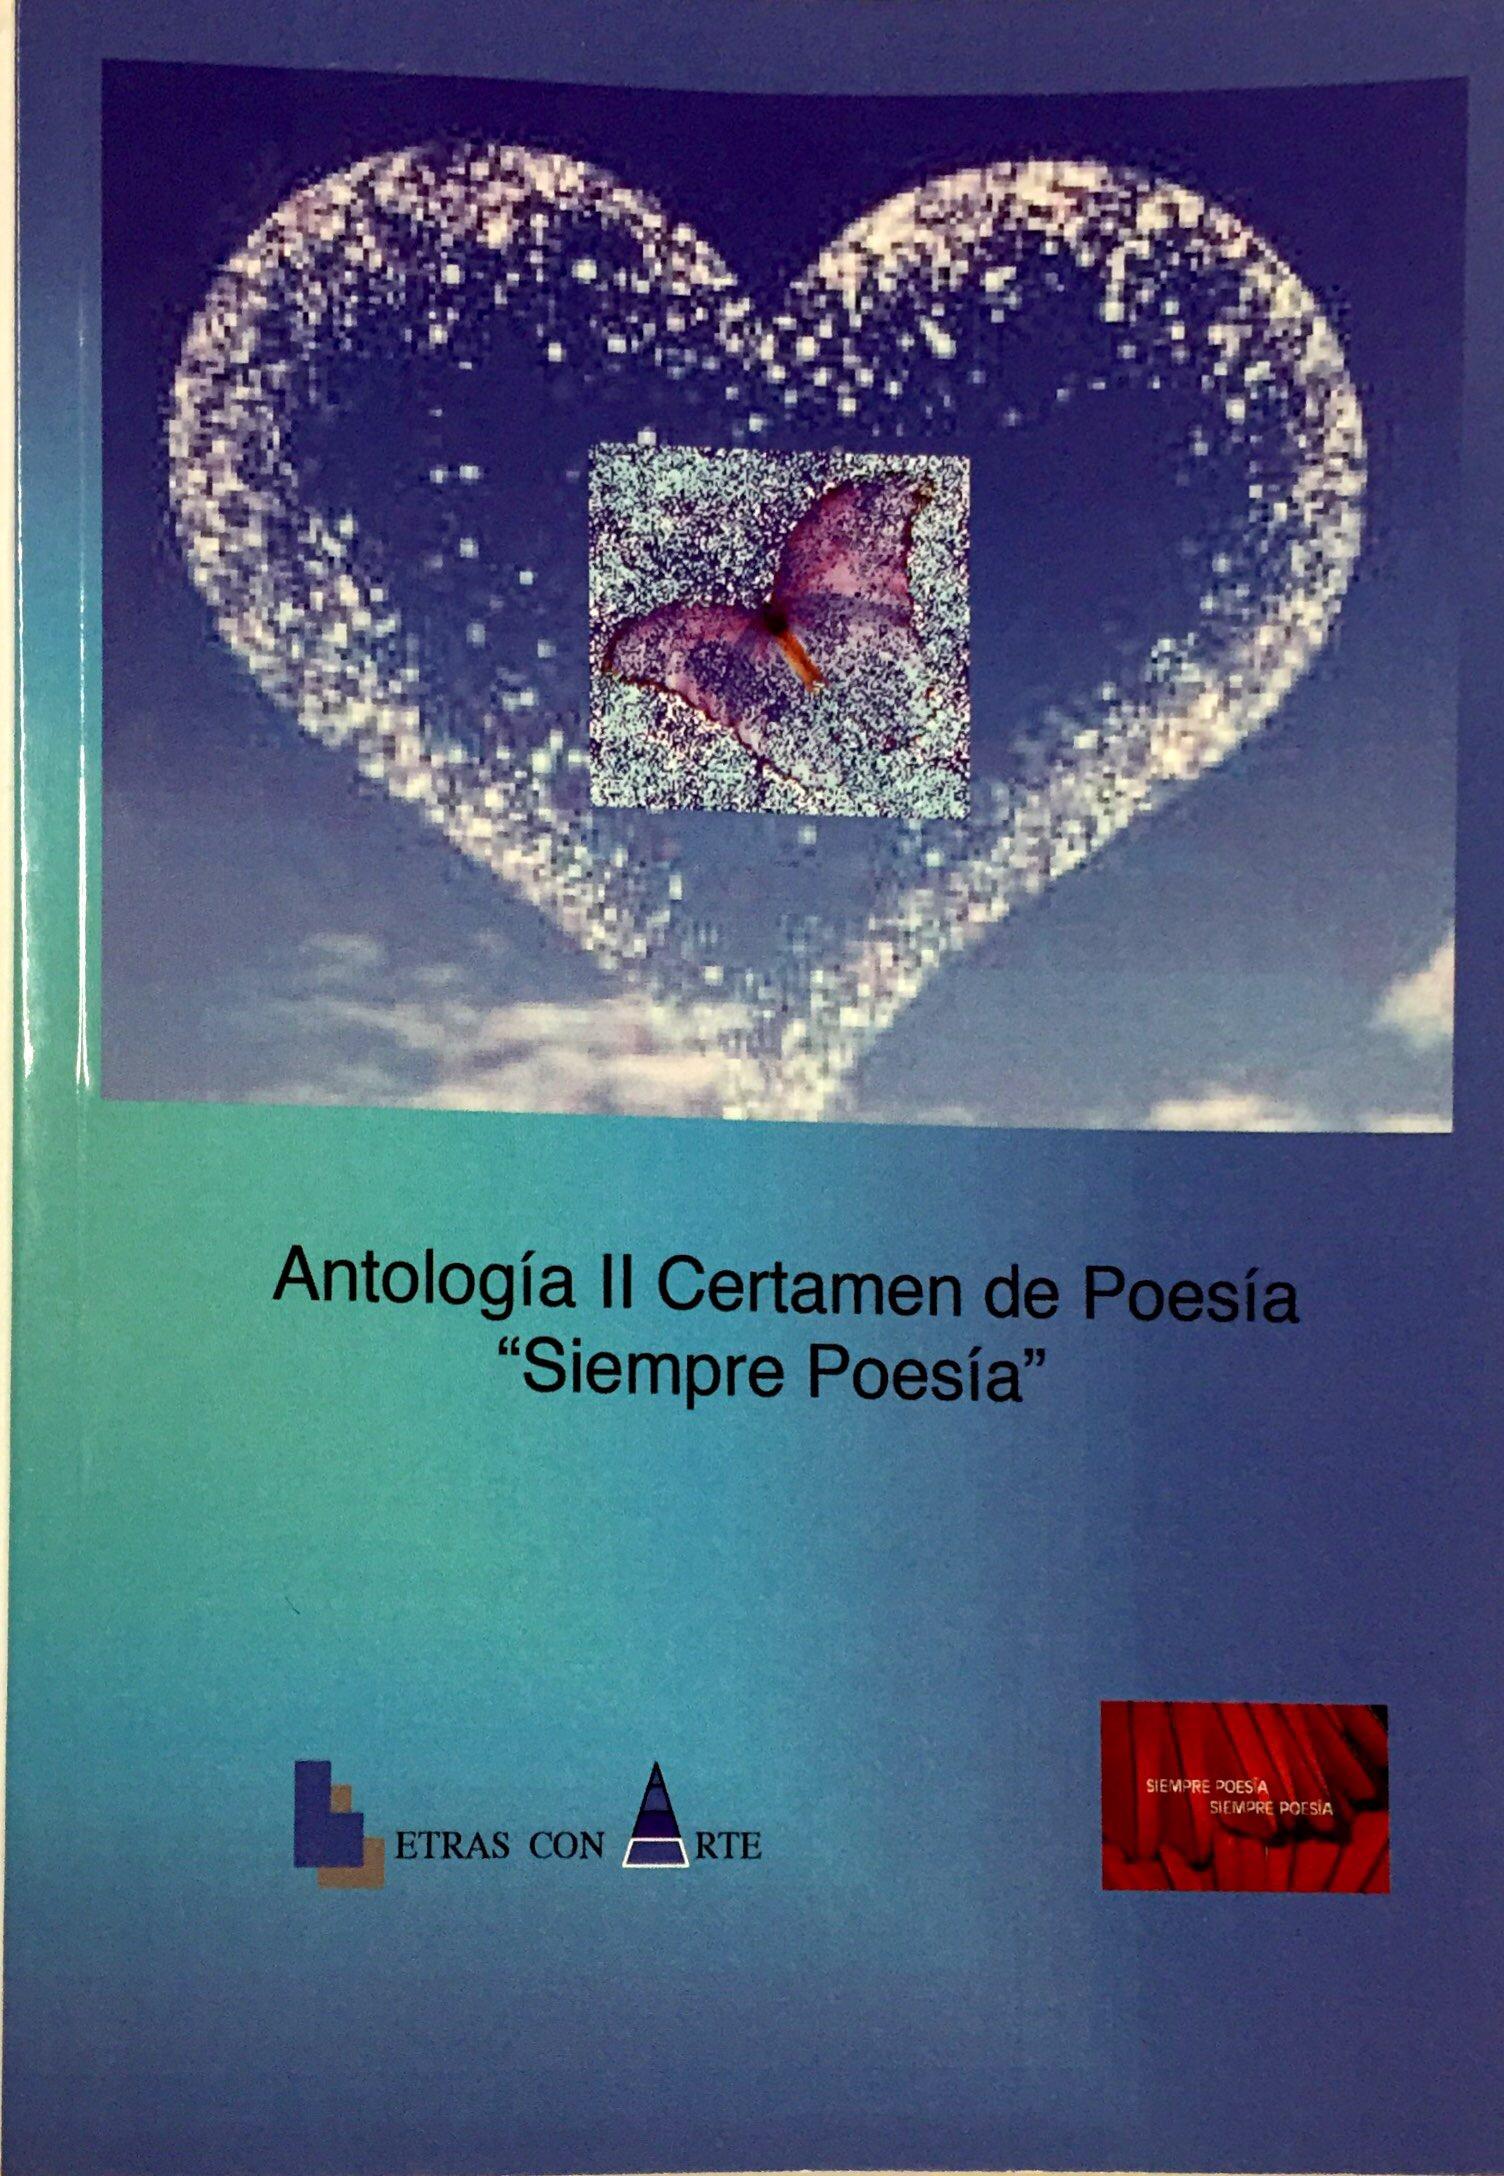 """Antología II Certamen de Poesía """"Siempre Poesía"""""""